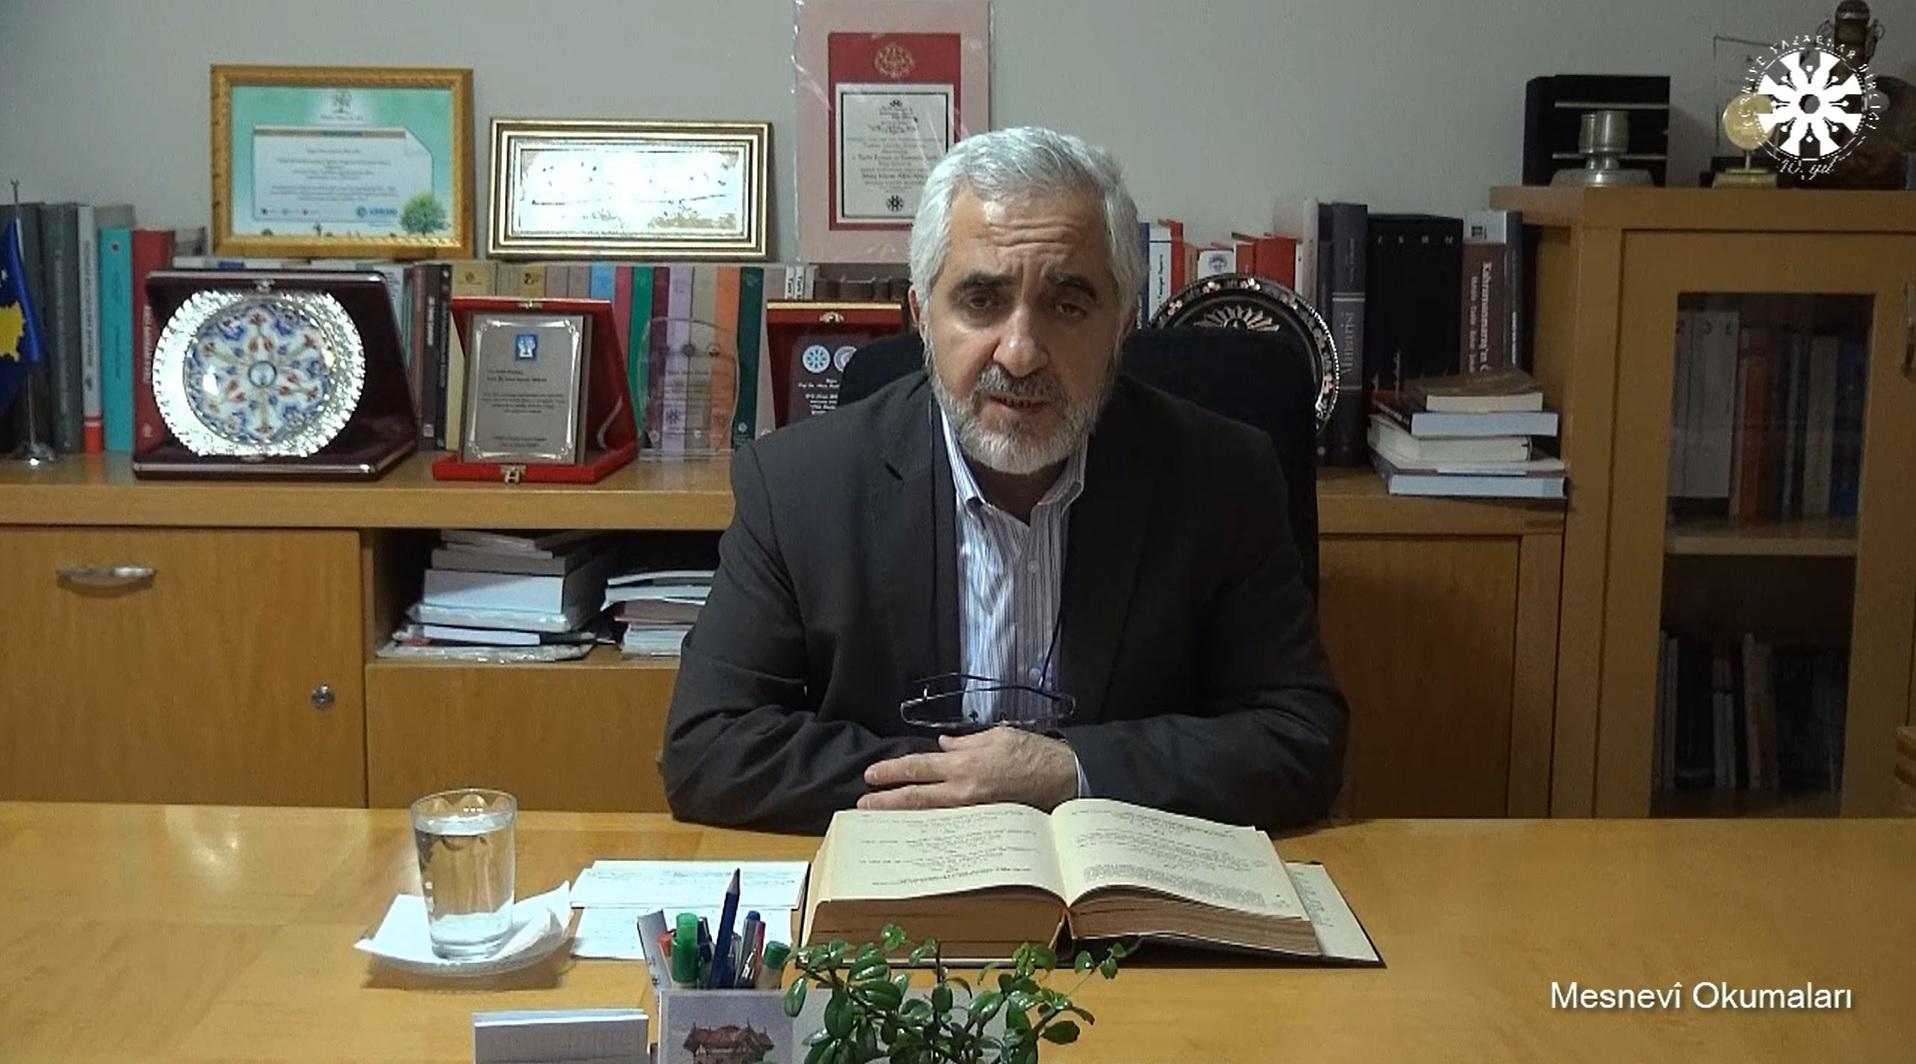 Mesnevî Okumaları -81- Prof. Dr. Zülfikar Güngör